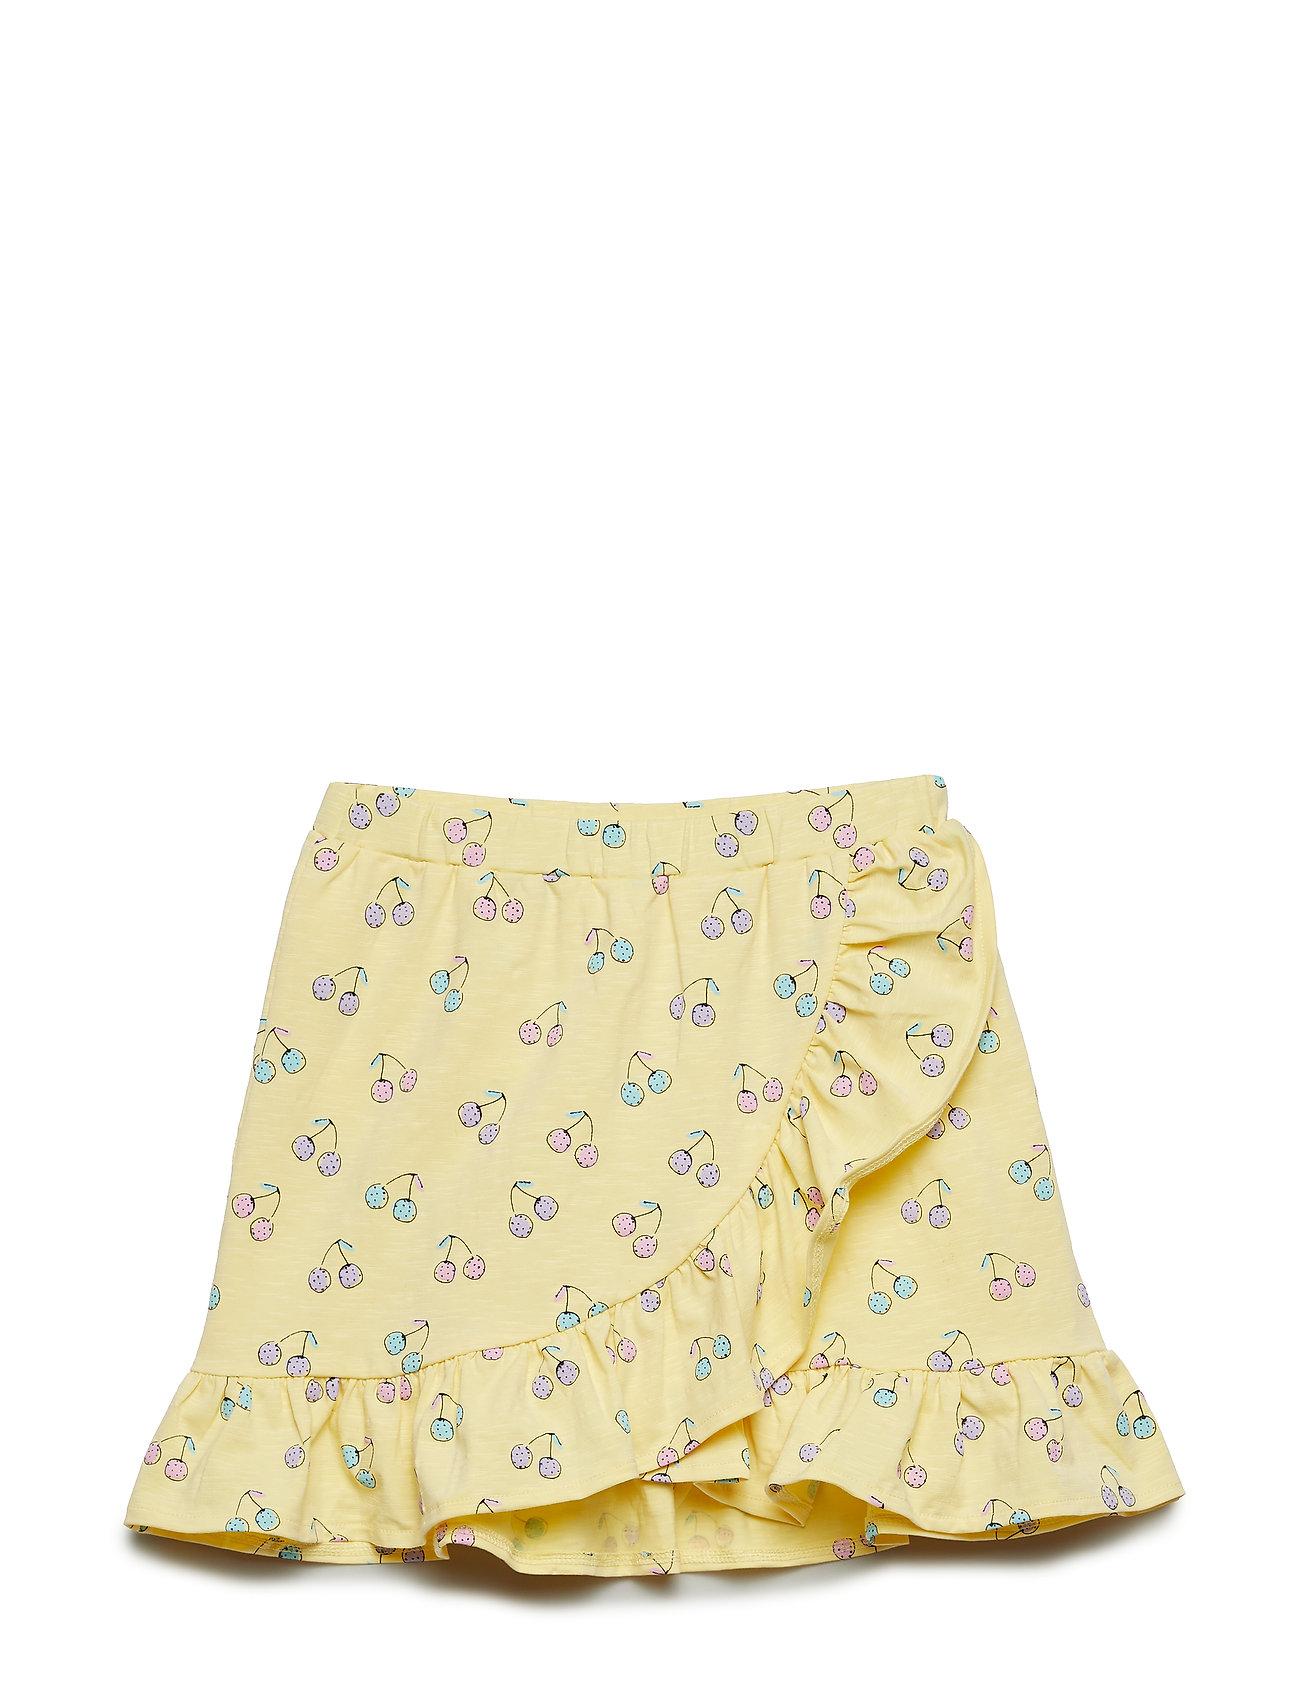 Soft Gallery Dakota Skirt - FRENCH VANILLA, AOP CHERISH